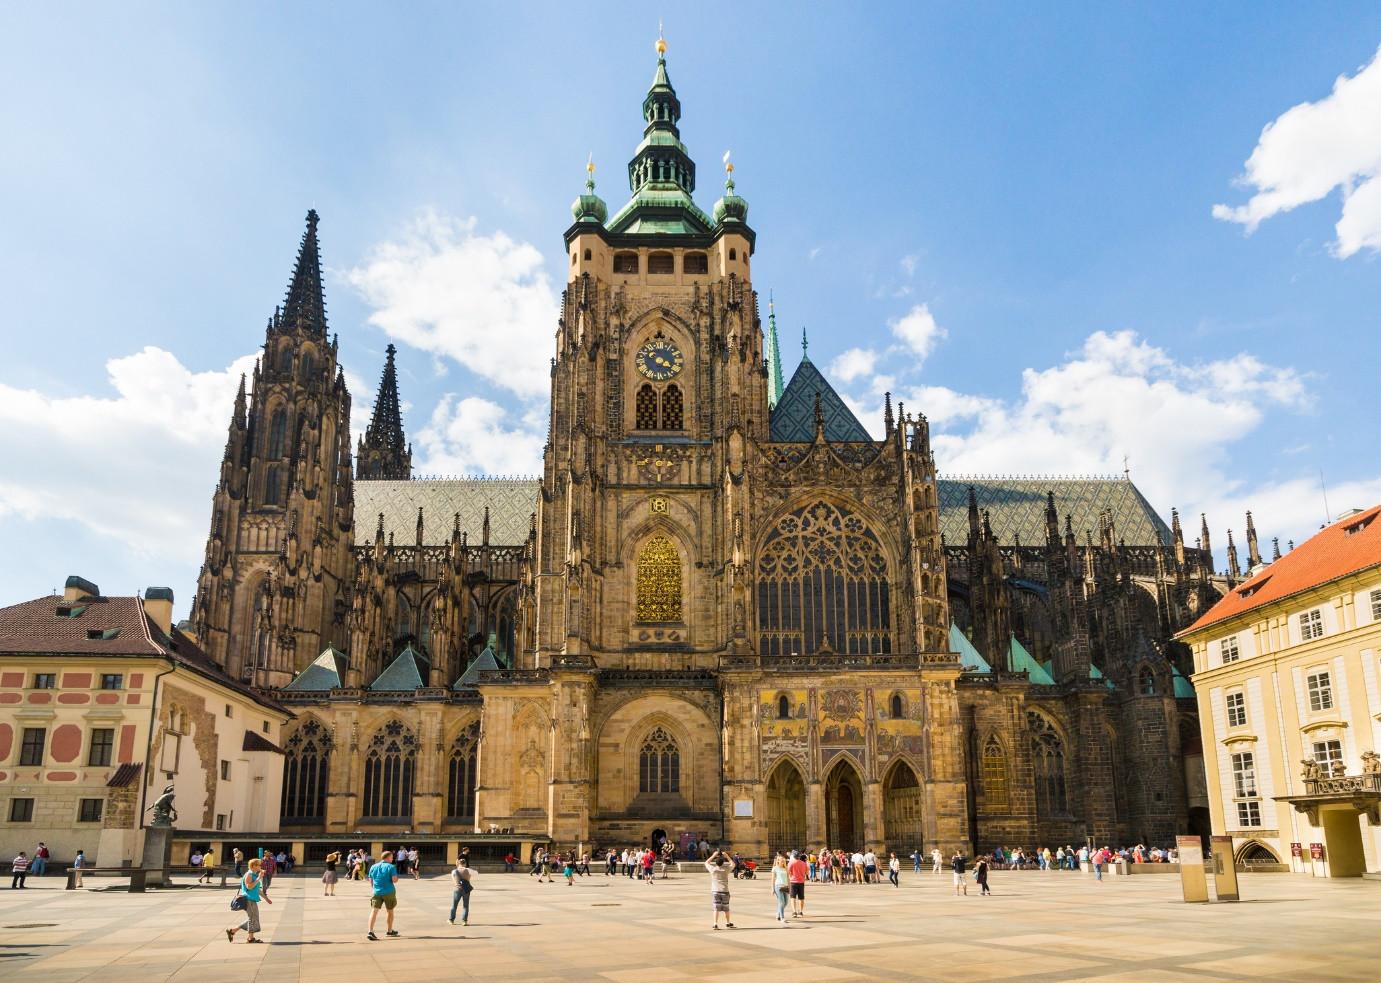 Có gì ở thành phố được bình chọn đẹp nhất thế giới năm 2021? - 1